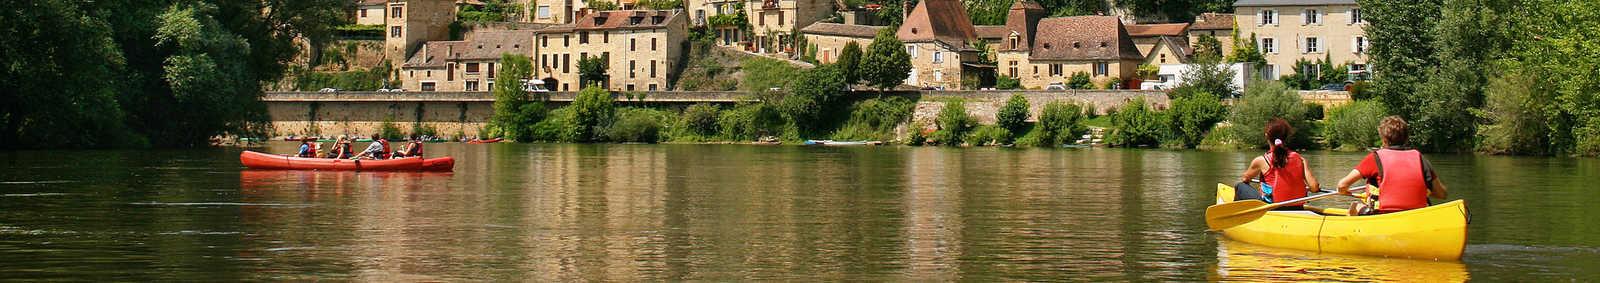 Kayaking in Dordogne